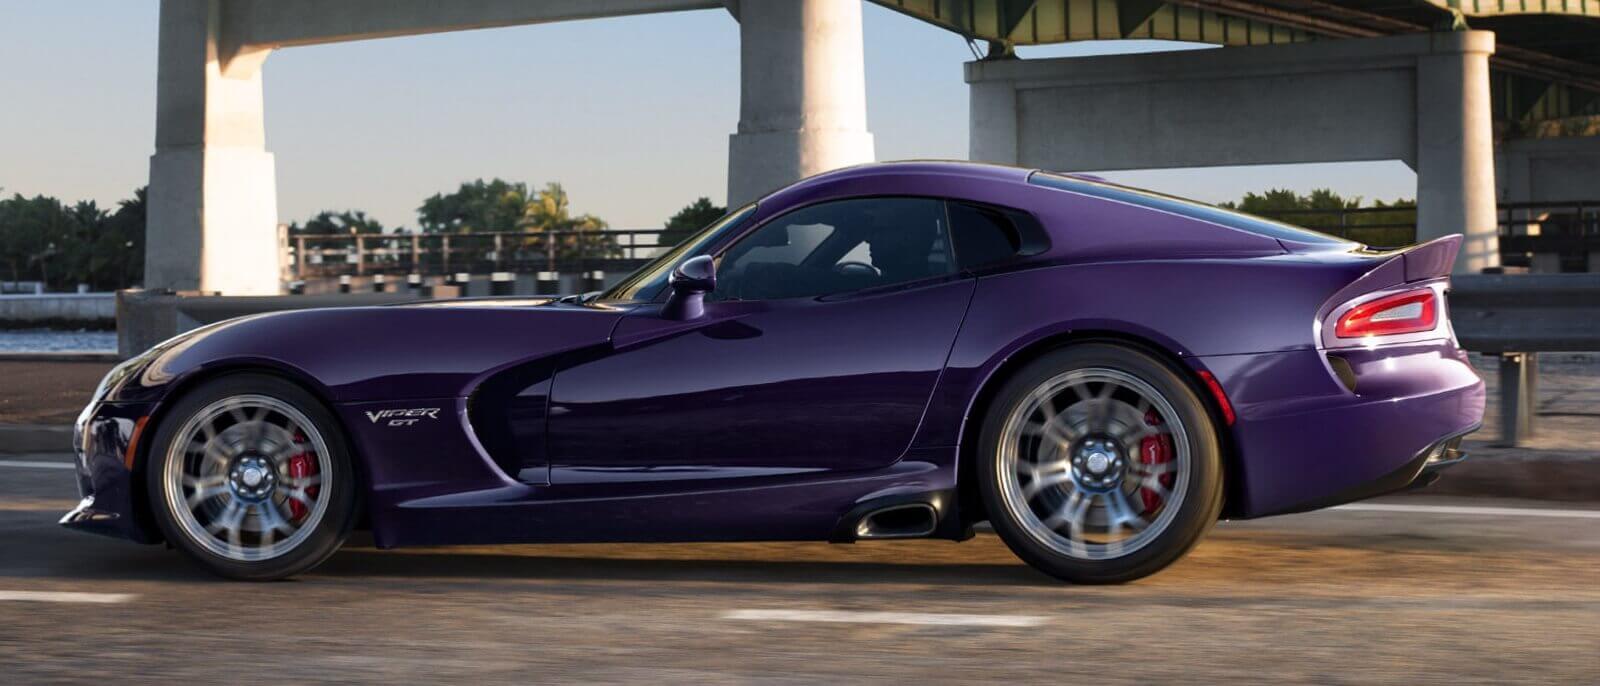 2016 Viper purple